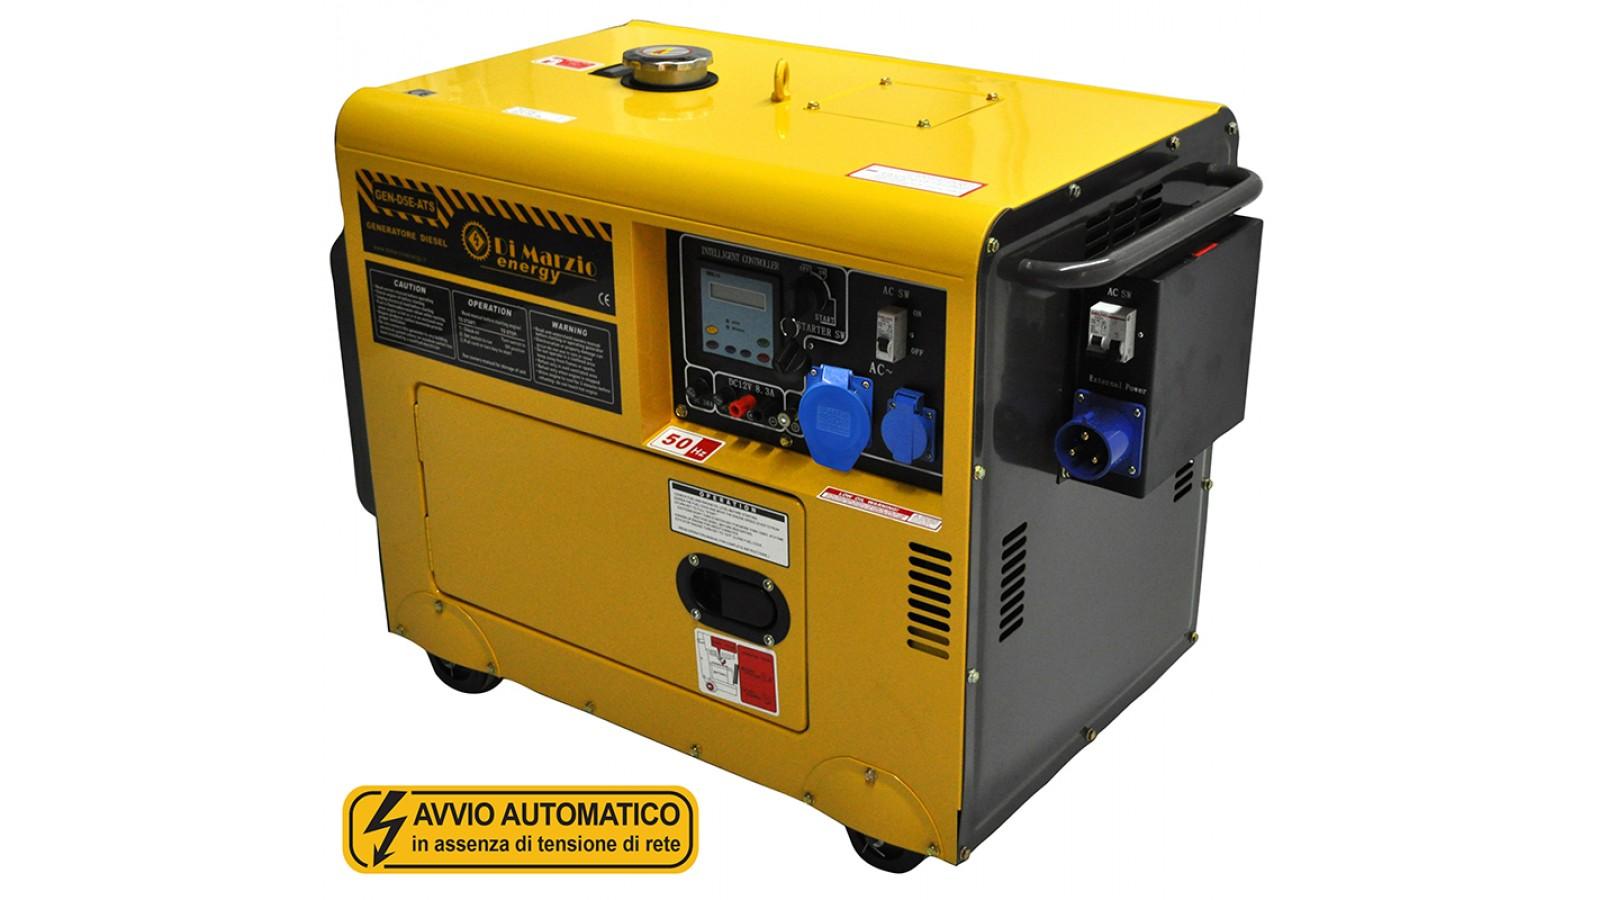 Generatore di corrente diesel 4 5 kw gruppo elettrogeno for Gruppo elettrogeno 3 kw avviamento automatico